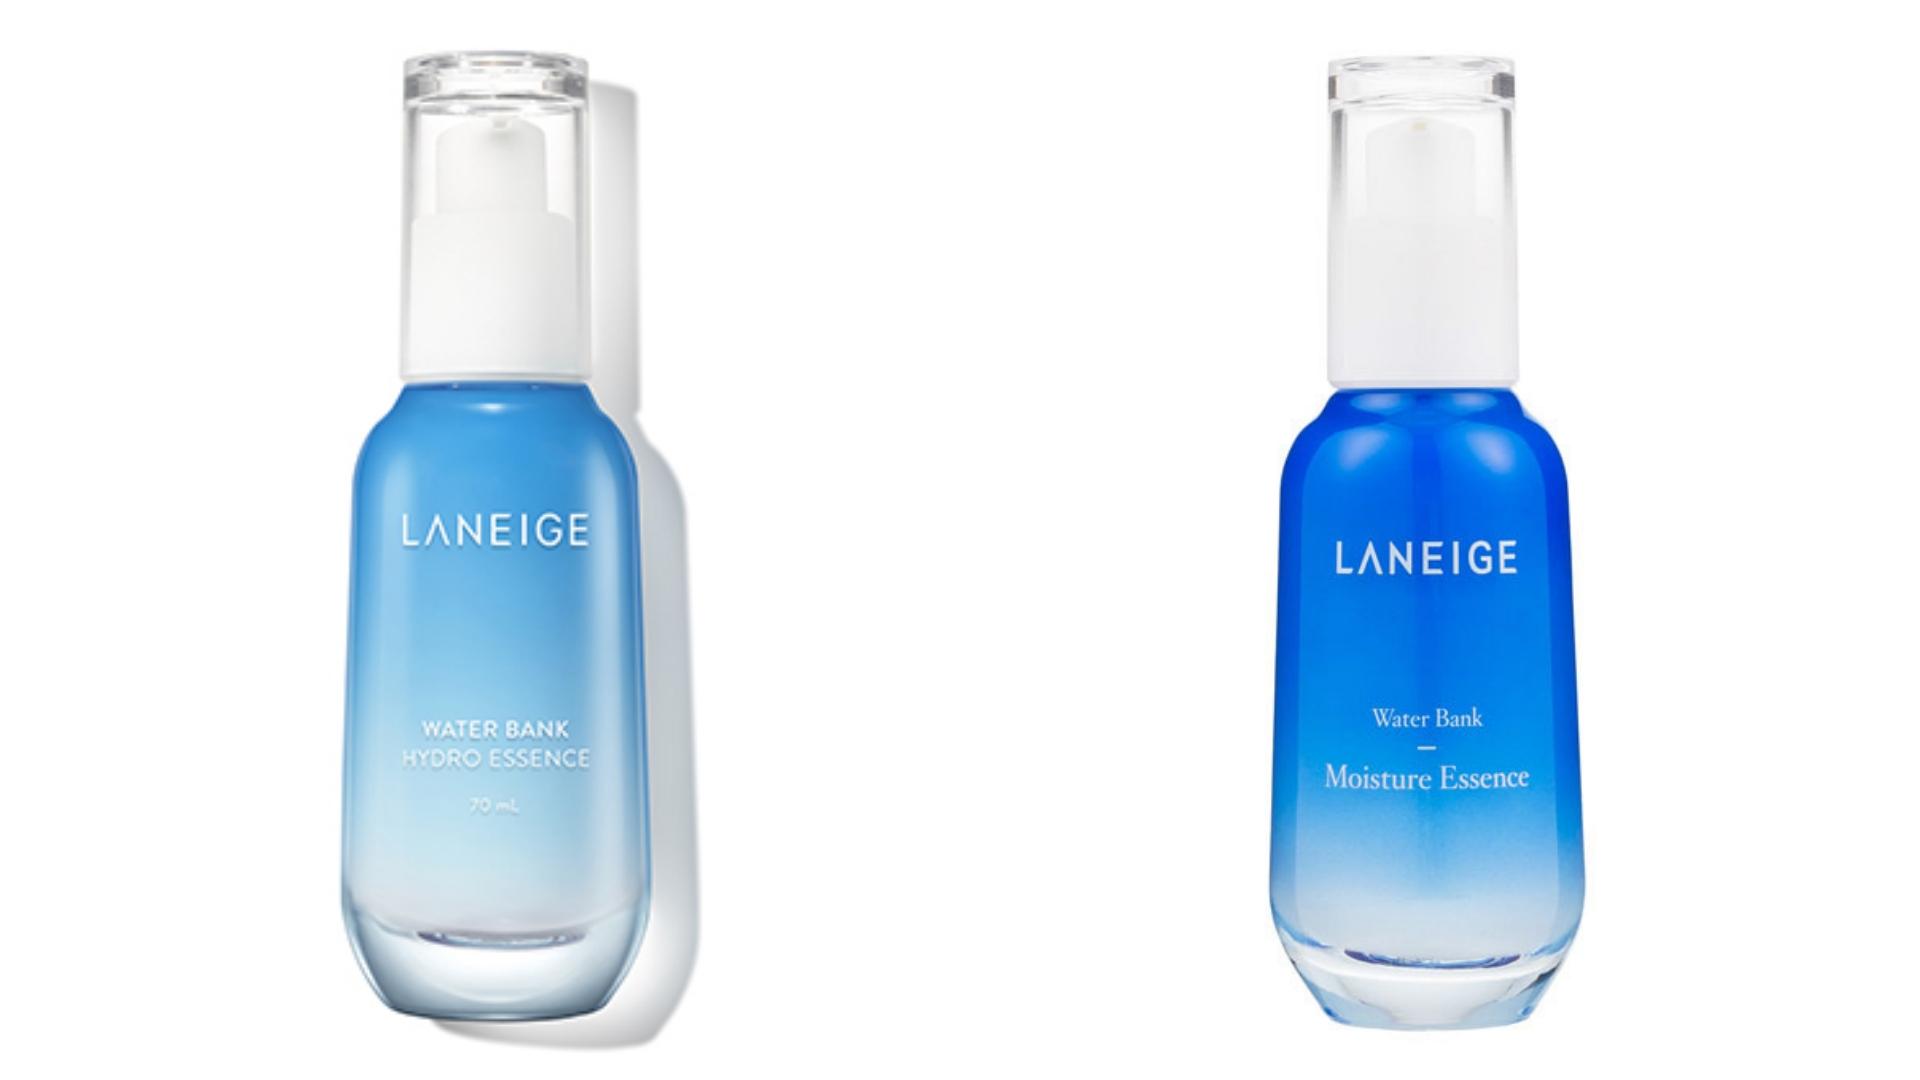 低溫萃取的珍貴成份,能夠讓肌膚迅速補水,再加上獨家水鍊科技,有效補滿乾燥肌膚的鬆散角質層